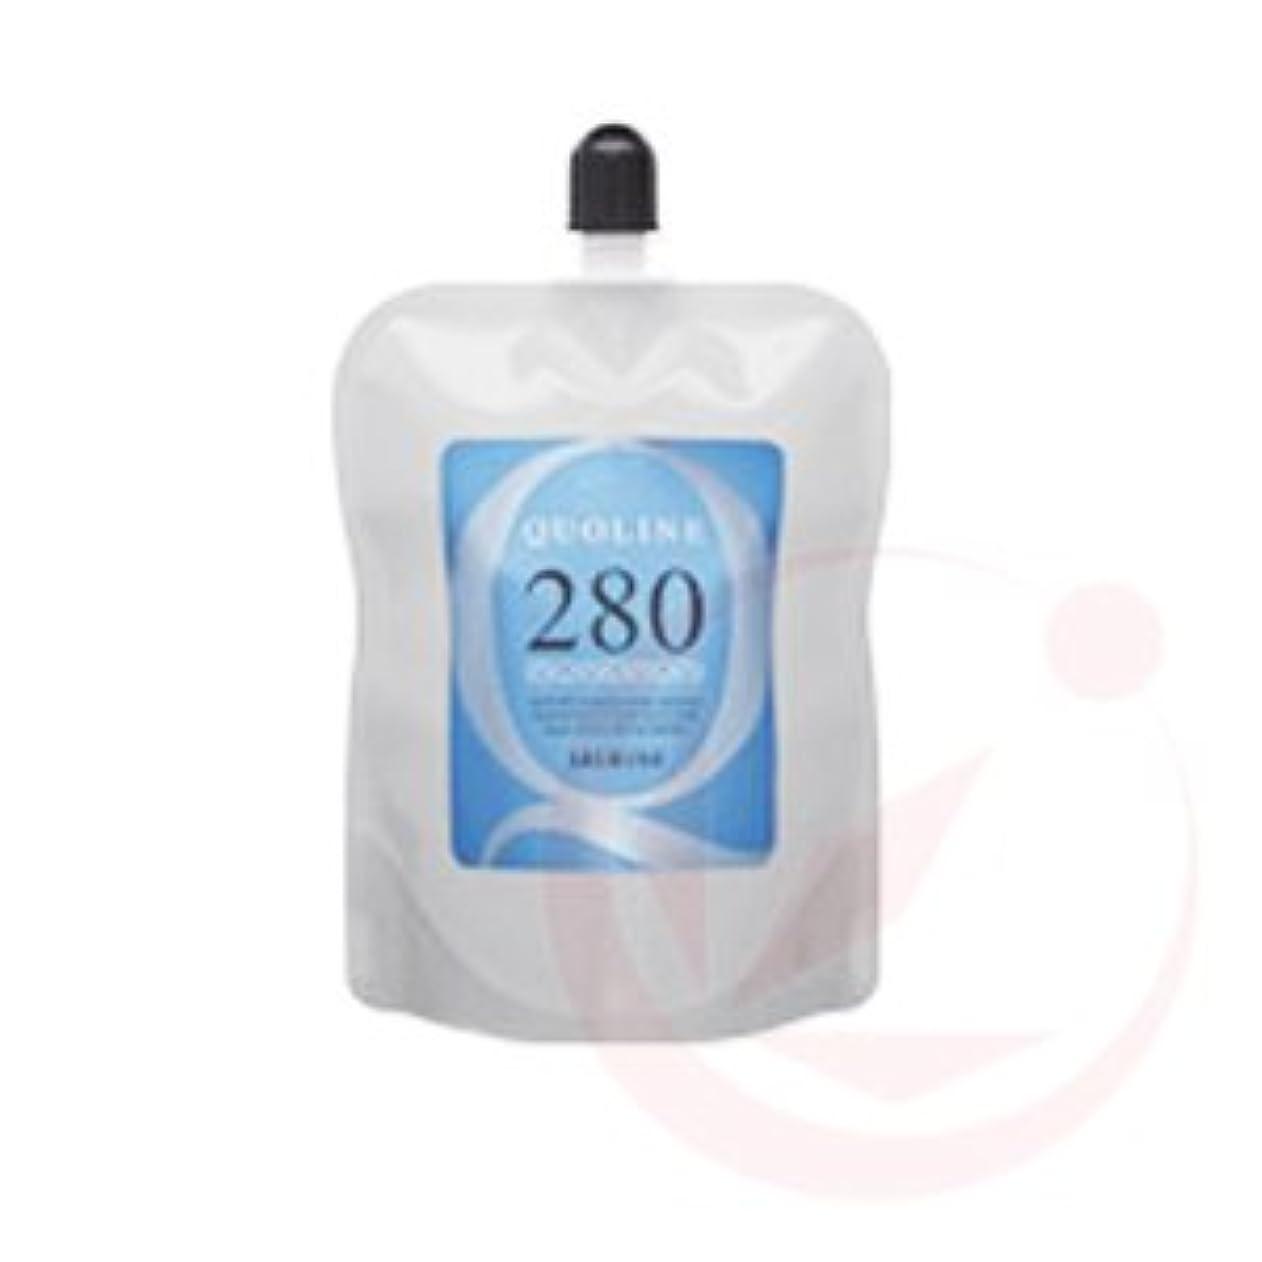 細断細断うがいアリミノ クオライン T 280 OX 400g (1剤/2剤 各400g)